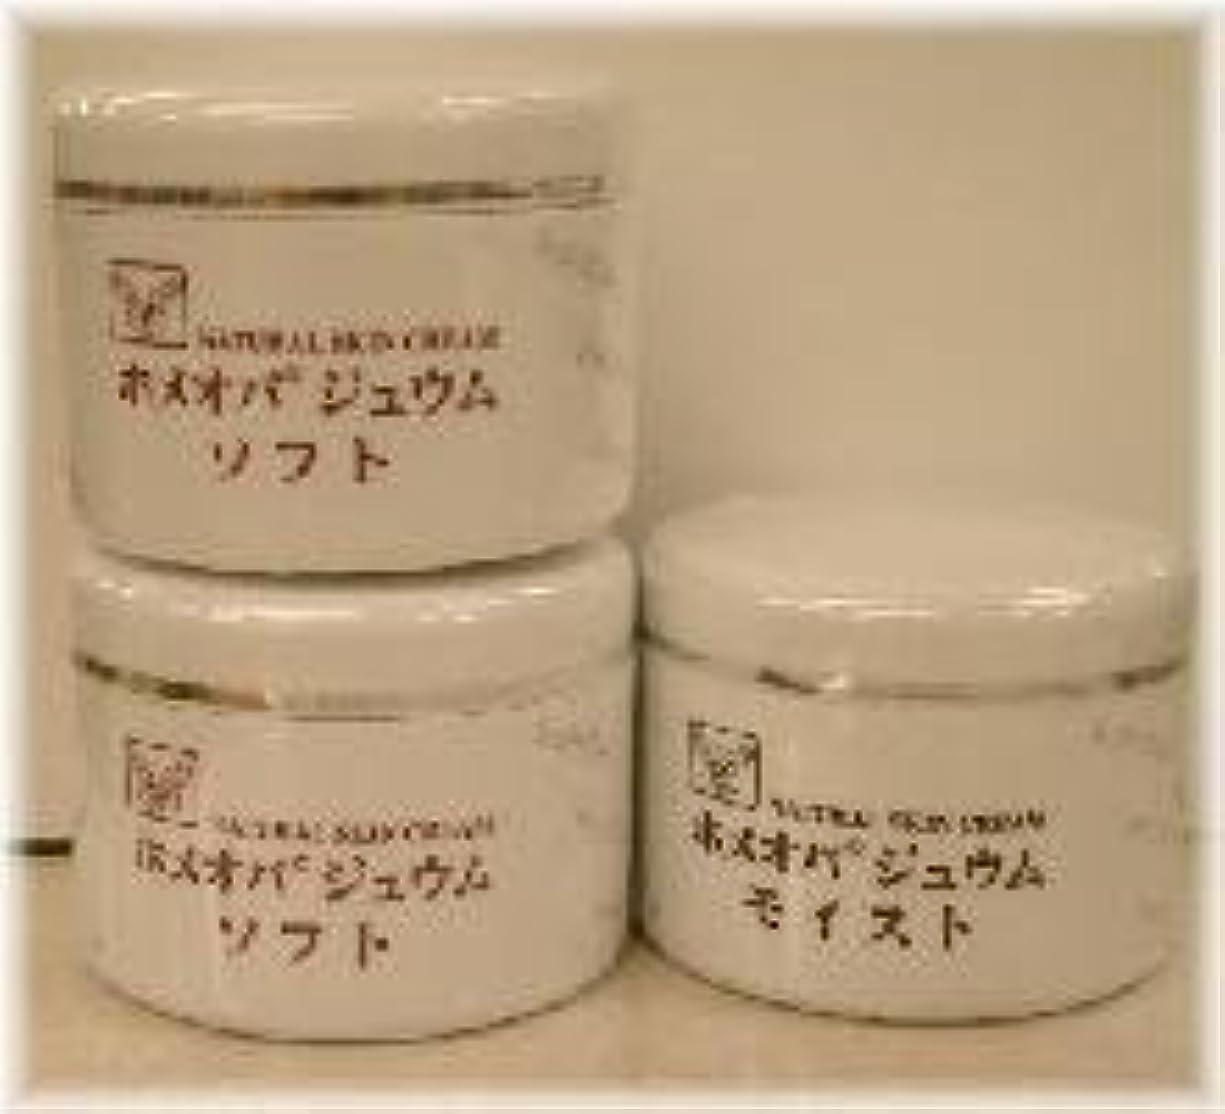 高い委託範囲ホメオパジュウム スキンケア商品3点 ¥10500クリームソフト2個+クリームモイスト